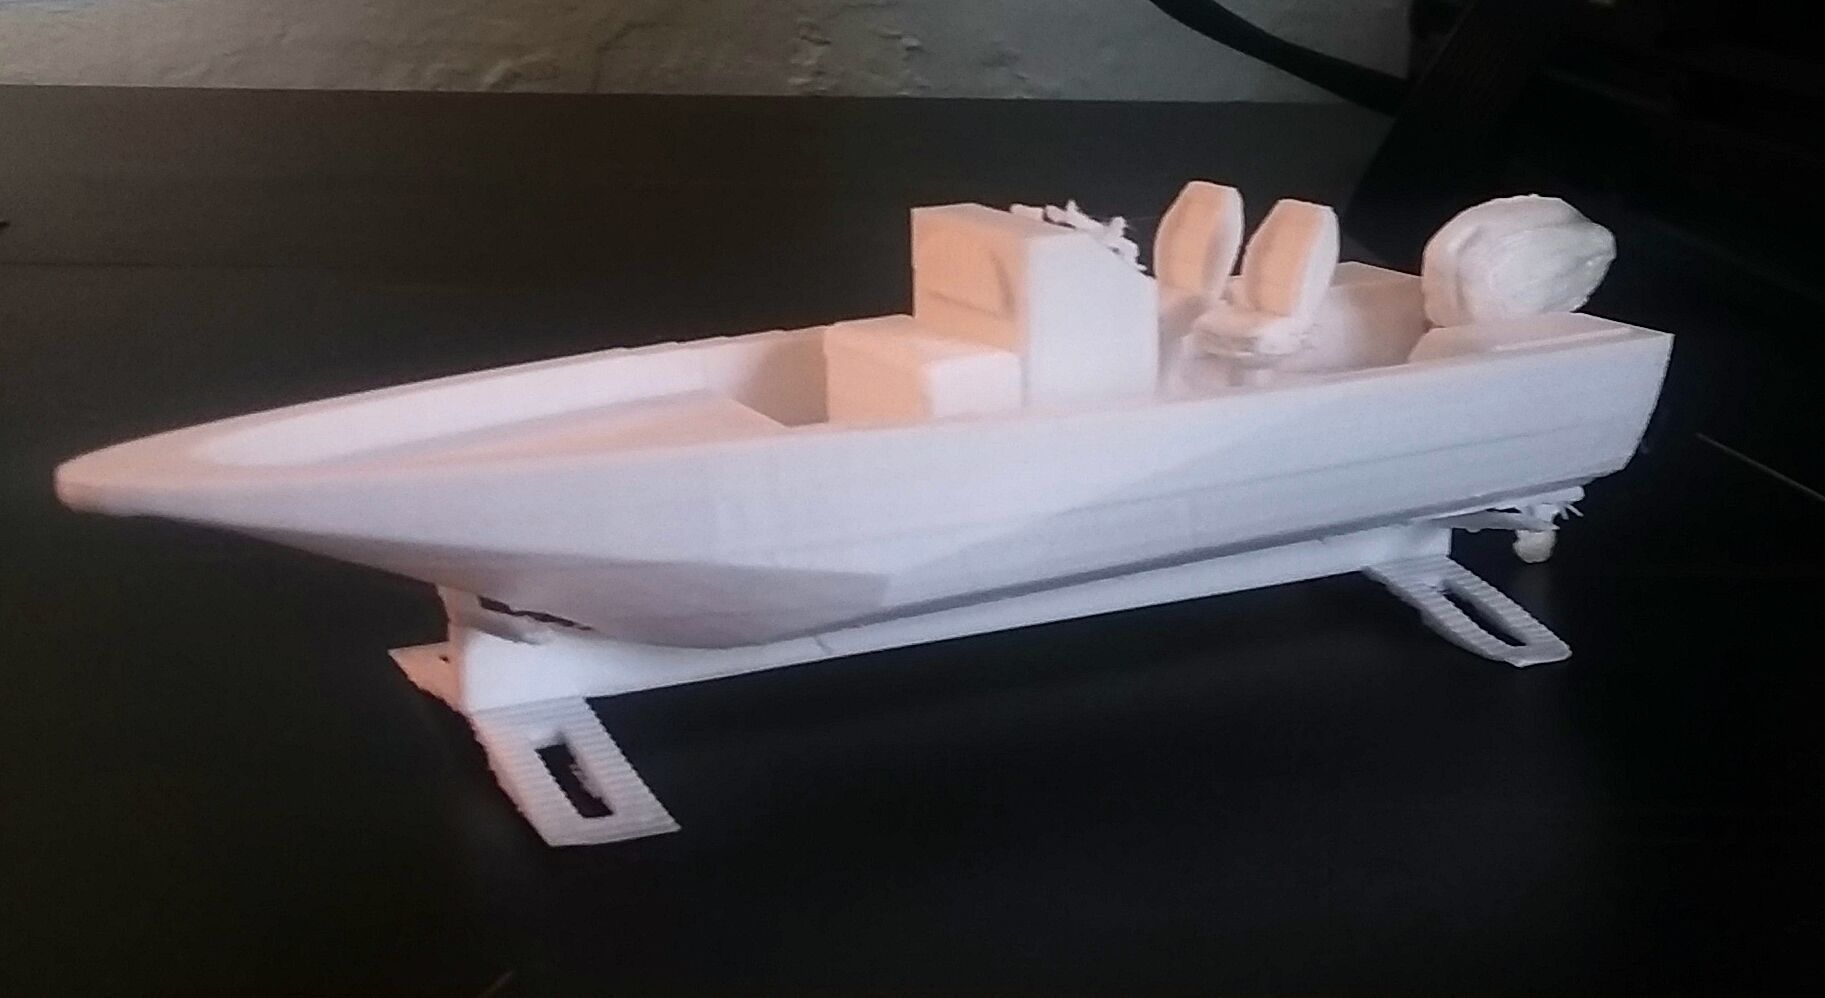 Sea Pro 170 2005 Boat